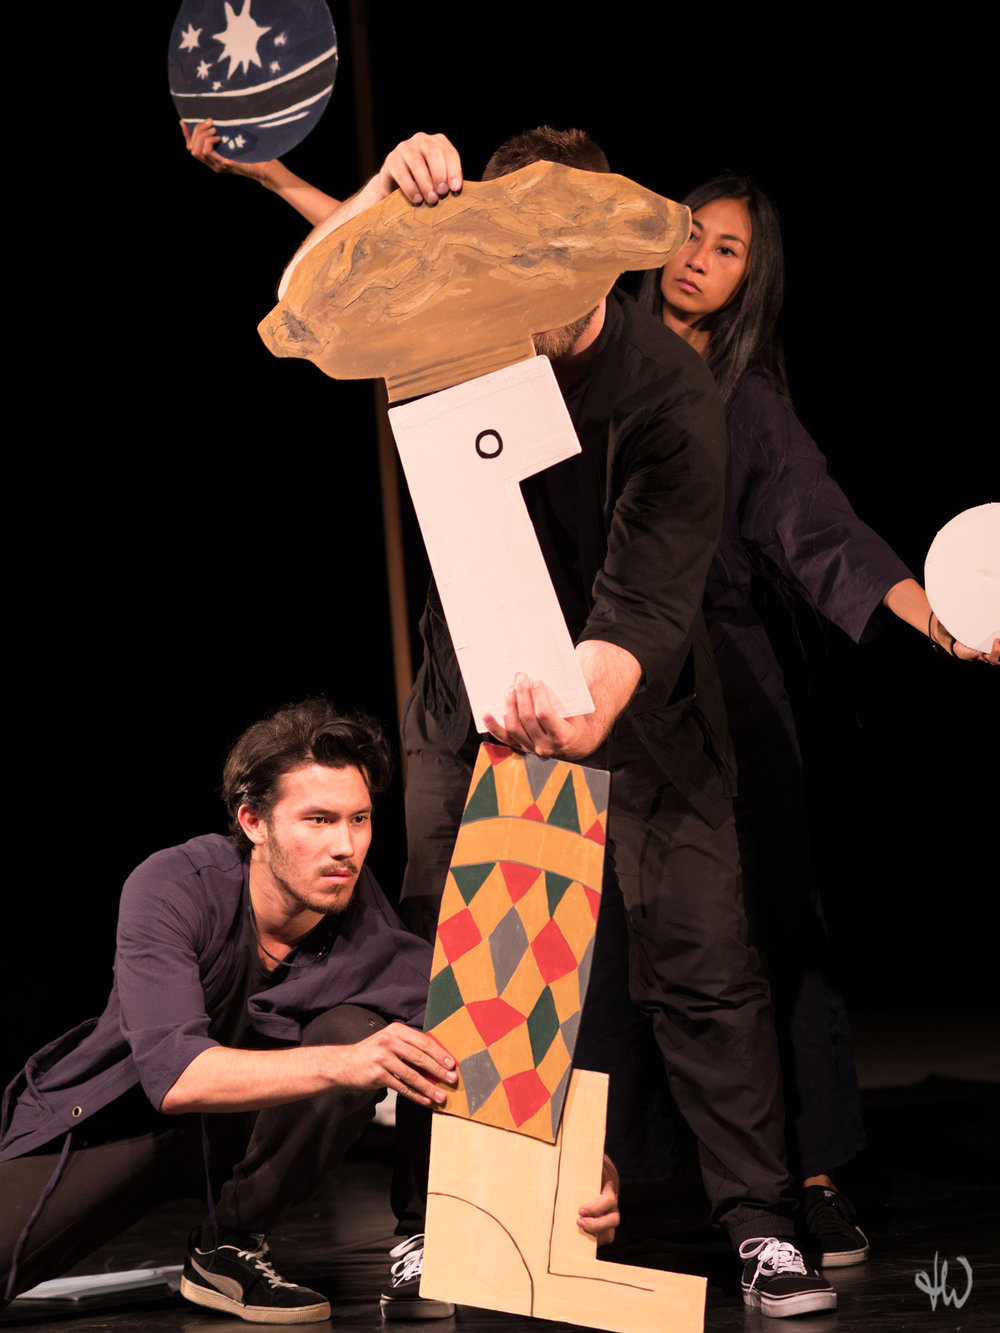 PARADE Picasso Satie Cocteau by Karin Schäfer Figuren Theater